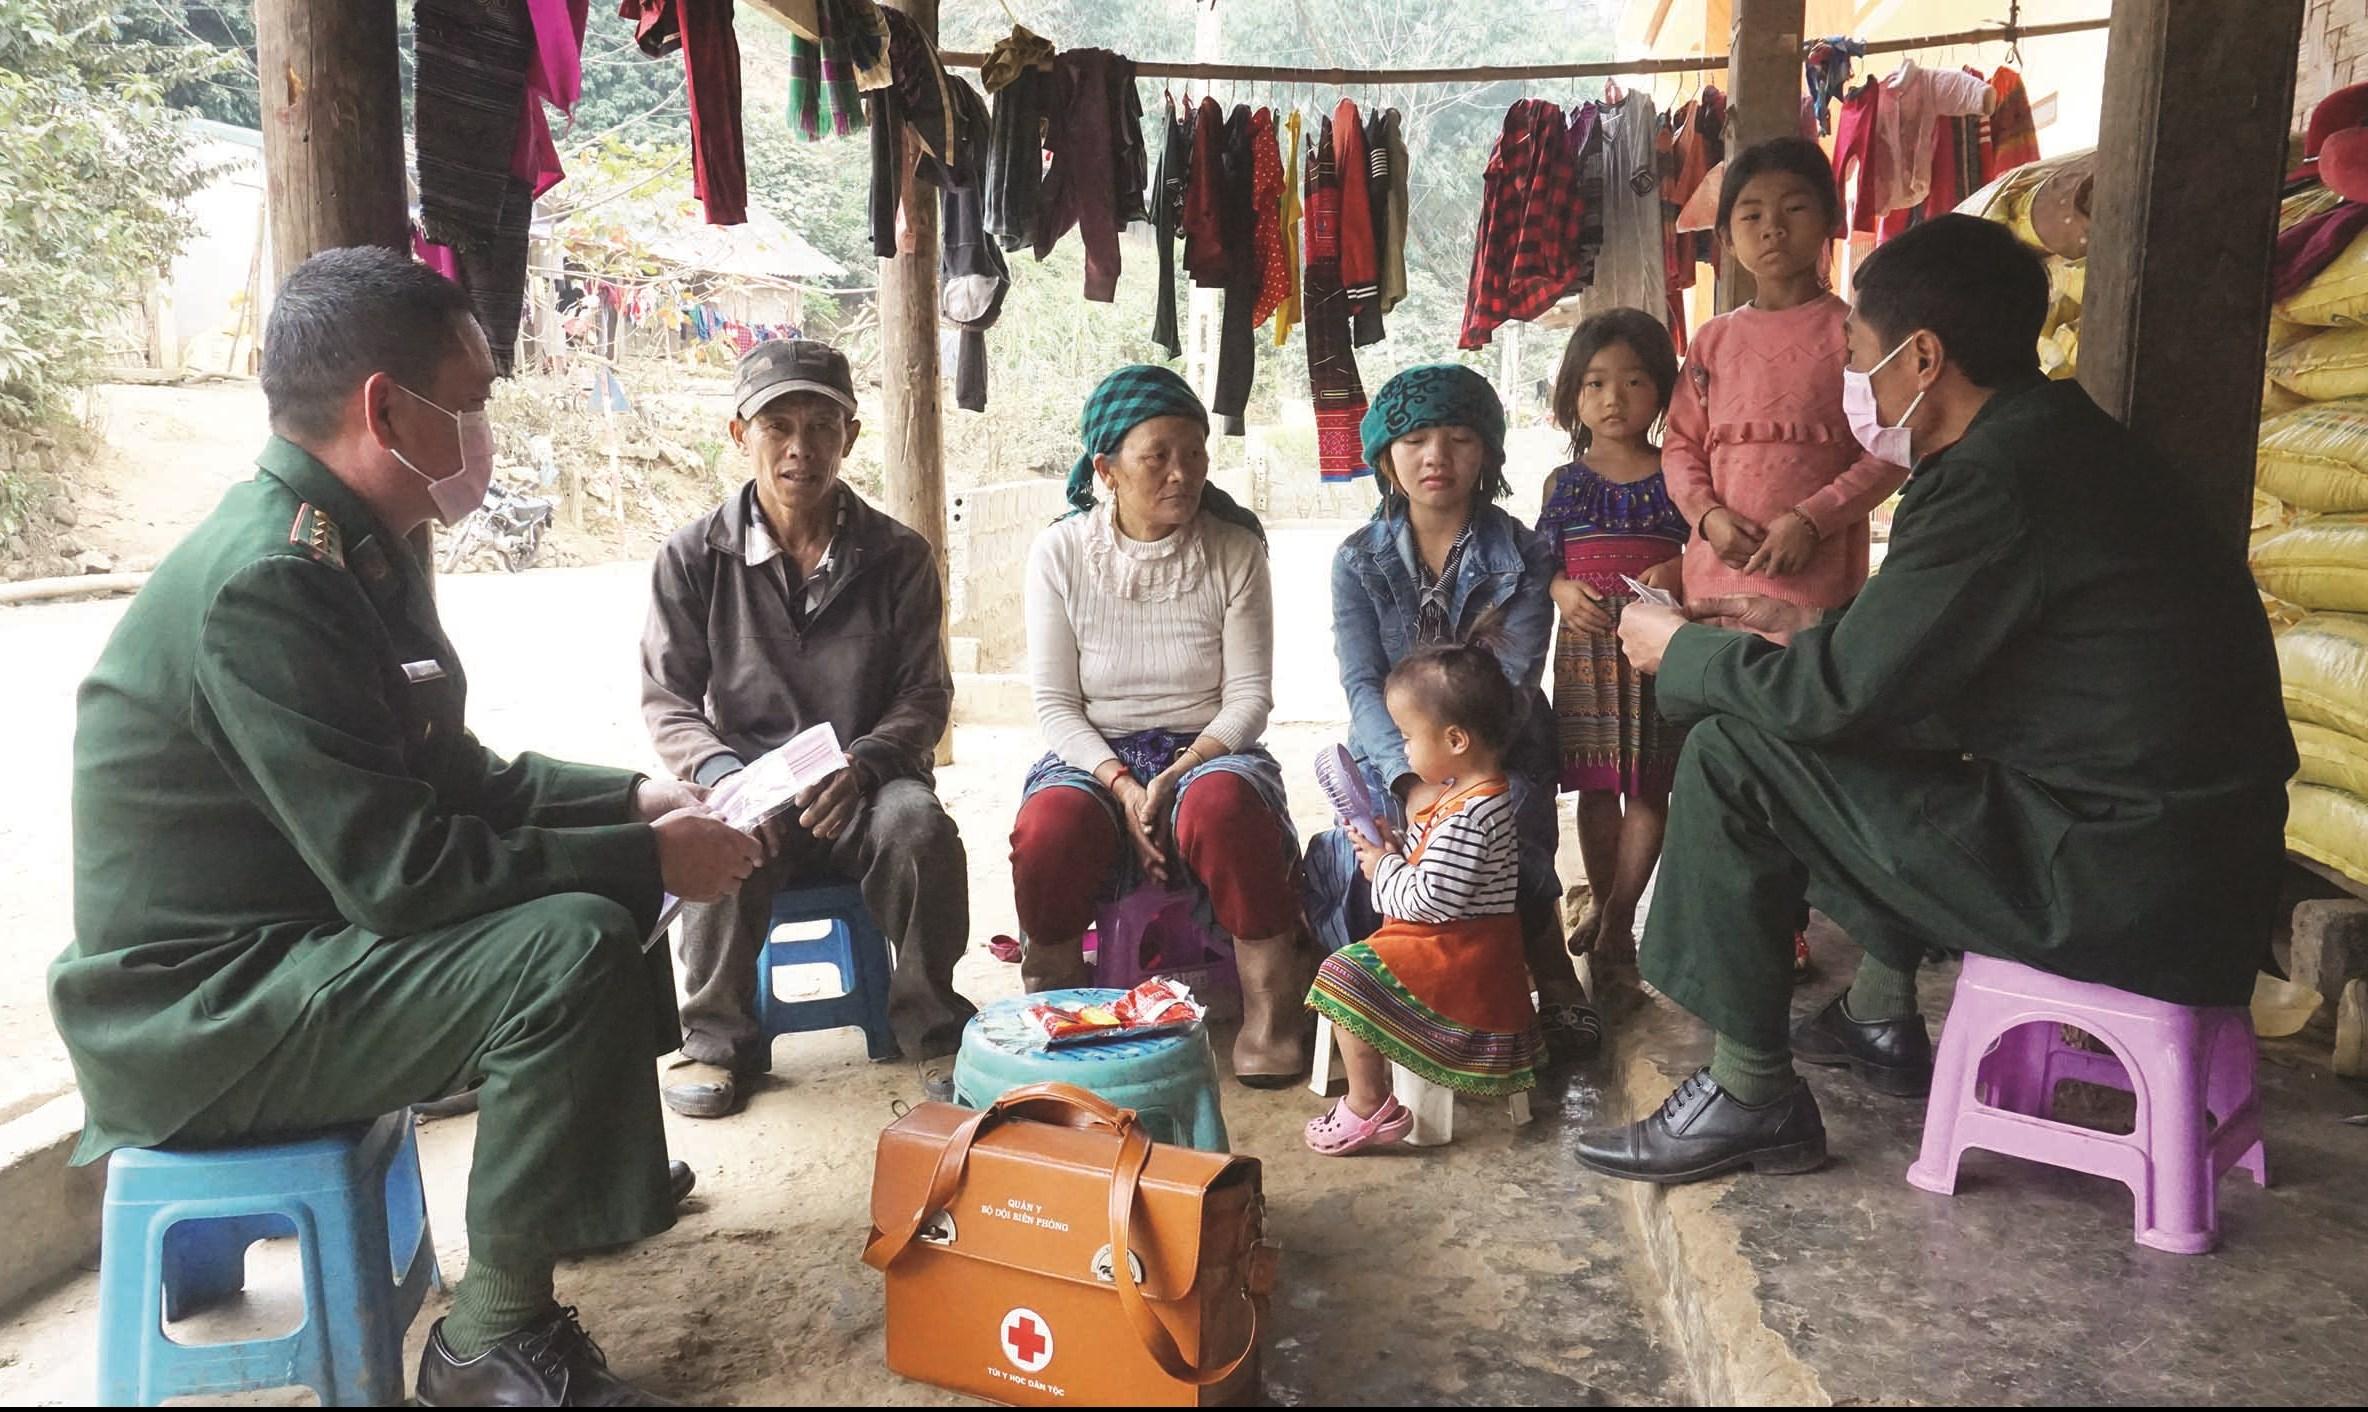 Thượng úy Nguyễn Thế Minh cùng với đồng đội xuống thôn bản phát khẩu trang, tuyên truyền hướng dẫn người dân phòng, chống dịch